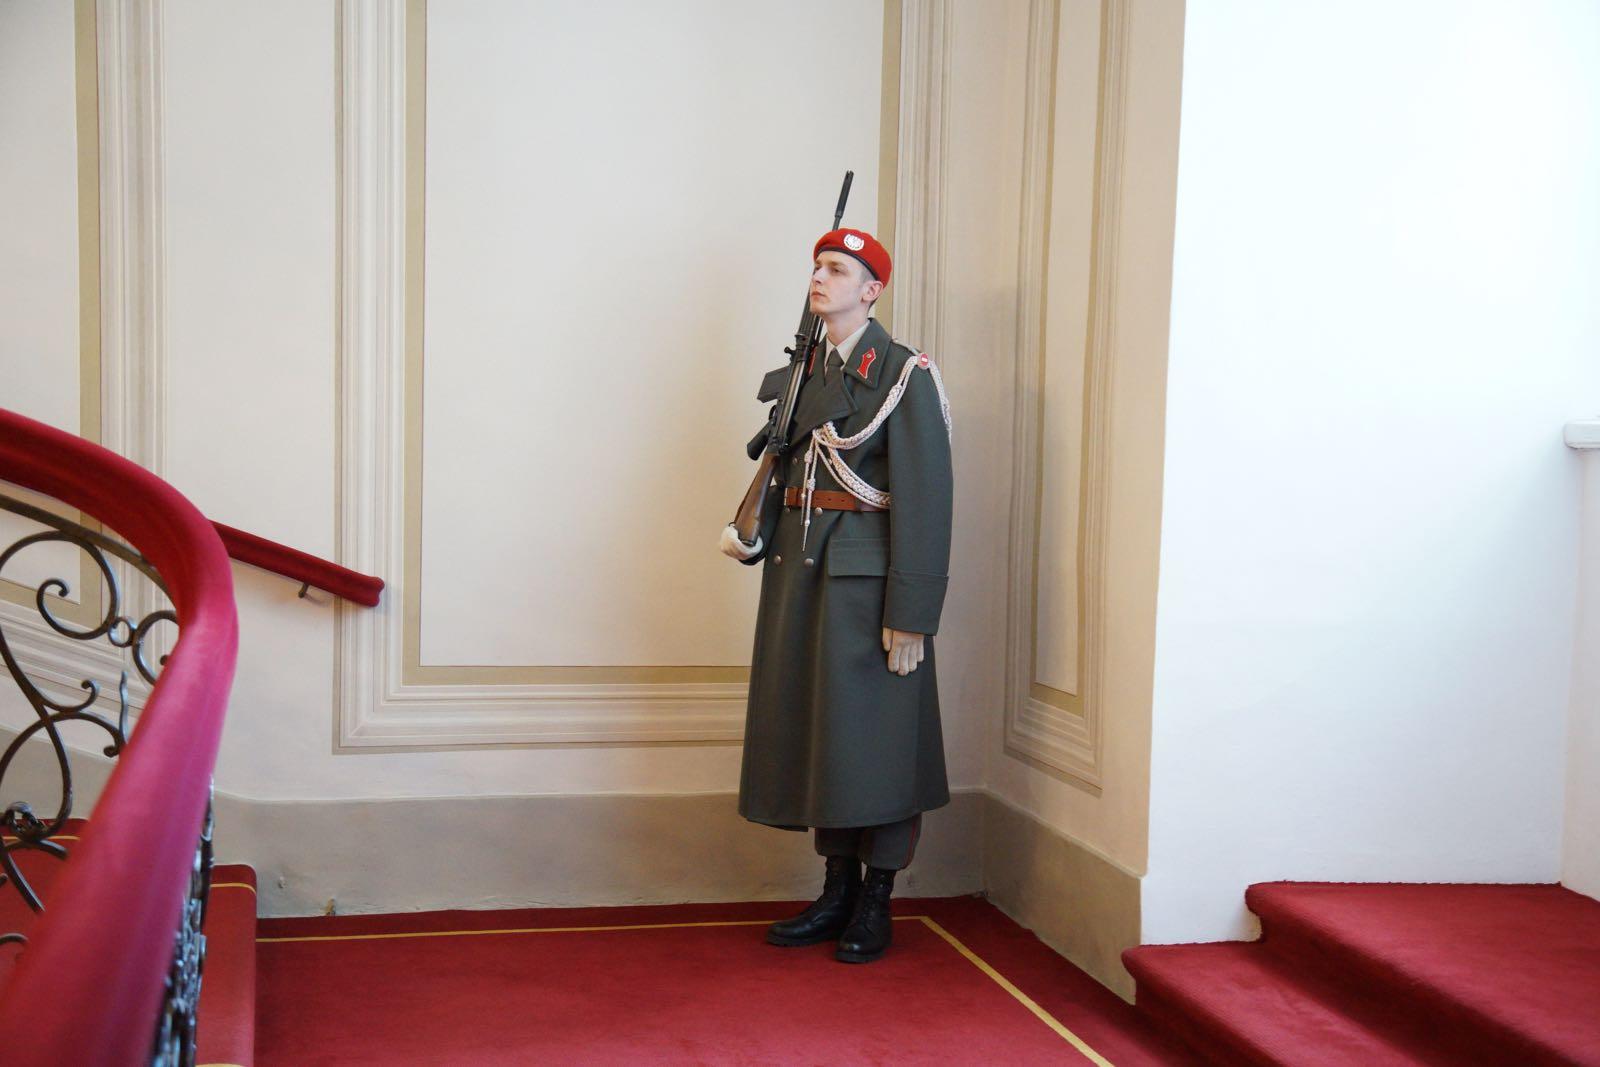 2019_03_01_4Gardekompanie_Treppenspalier_Präsidentschaftskanzlei - 7 of 9